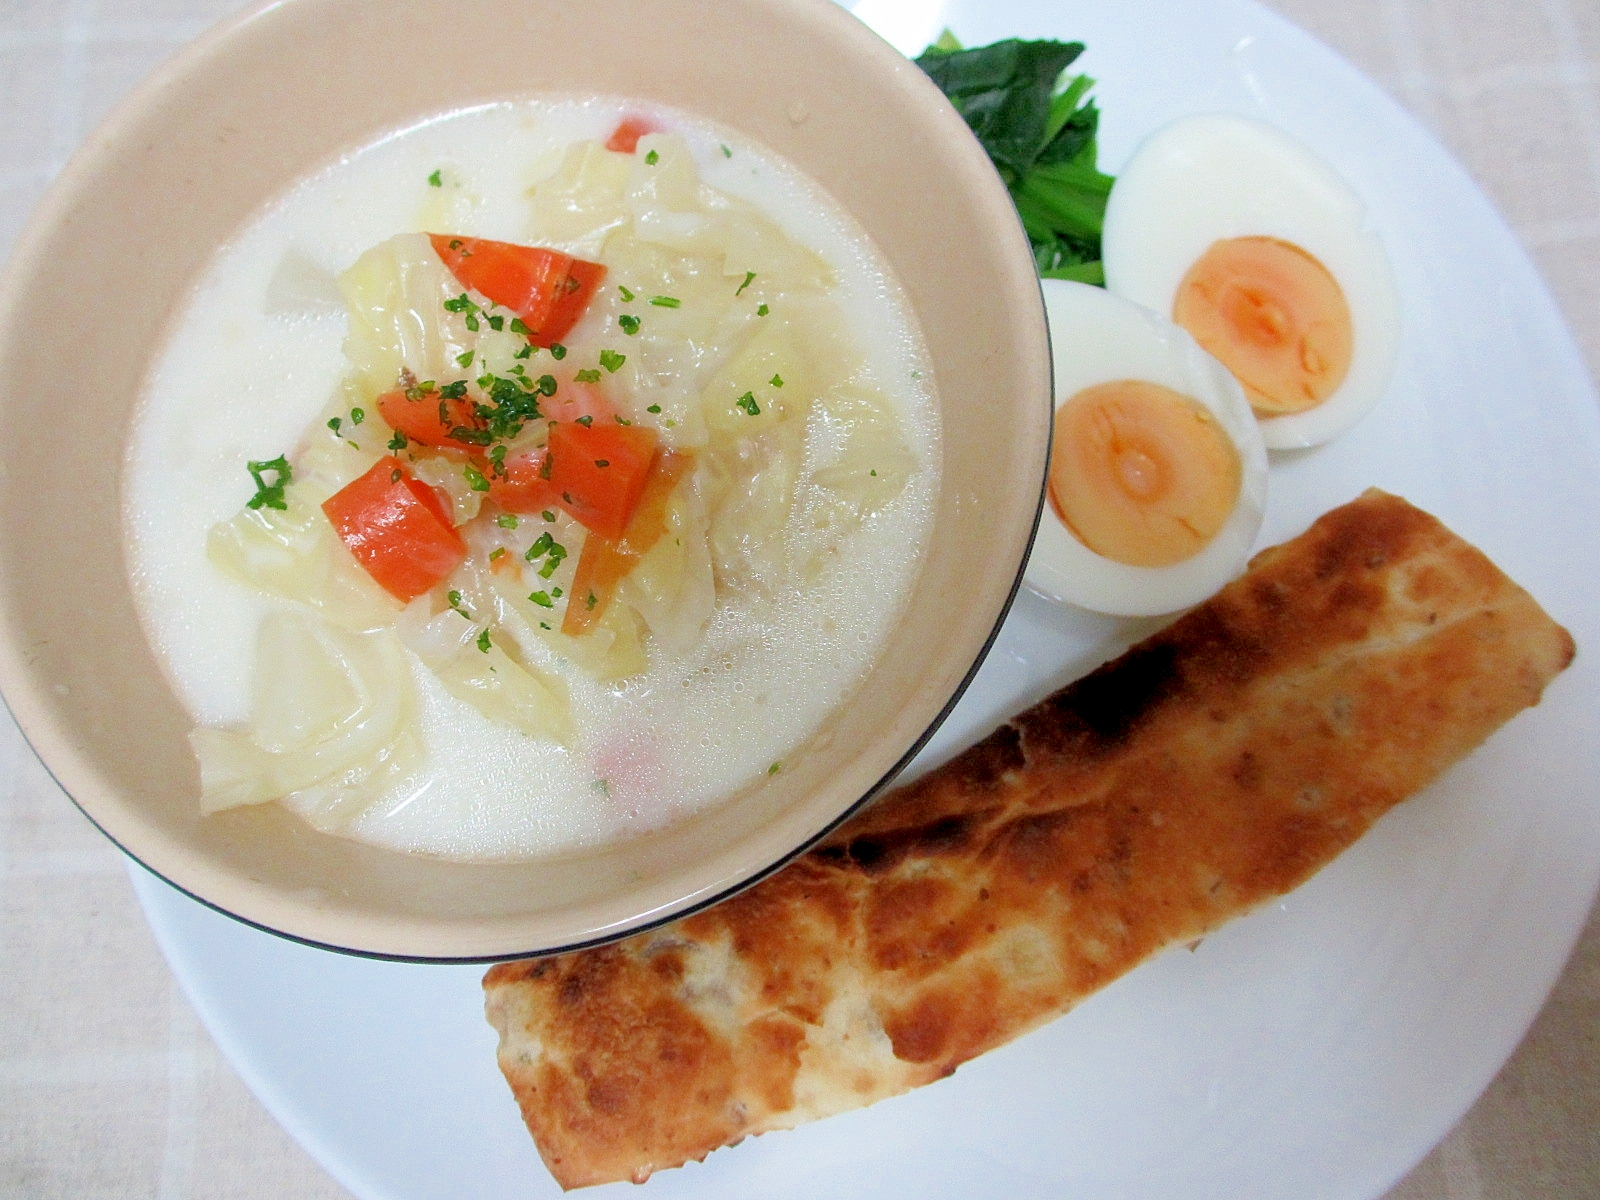 ポトフの豆乳スープ朝パンプレート